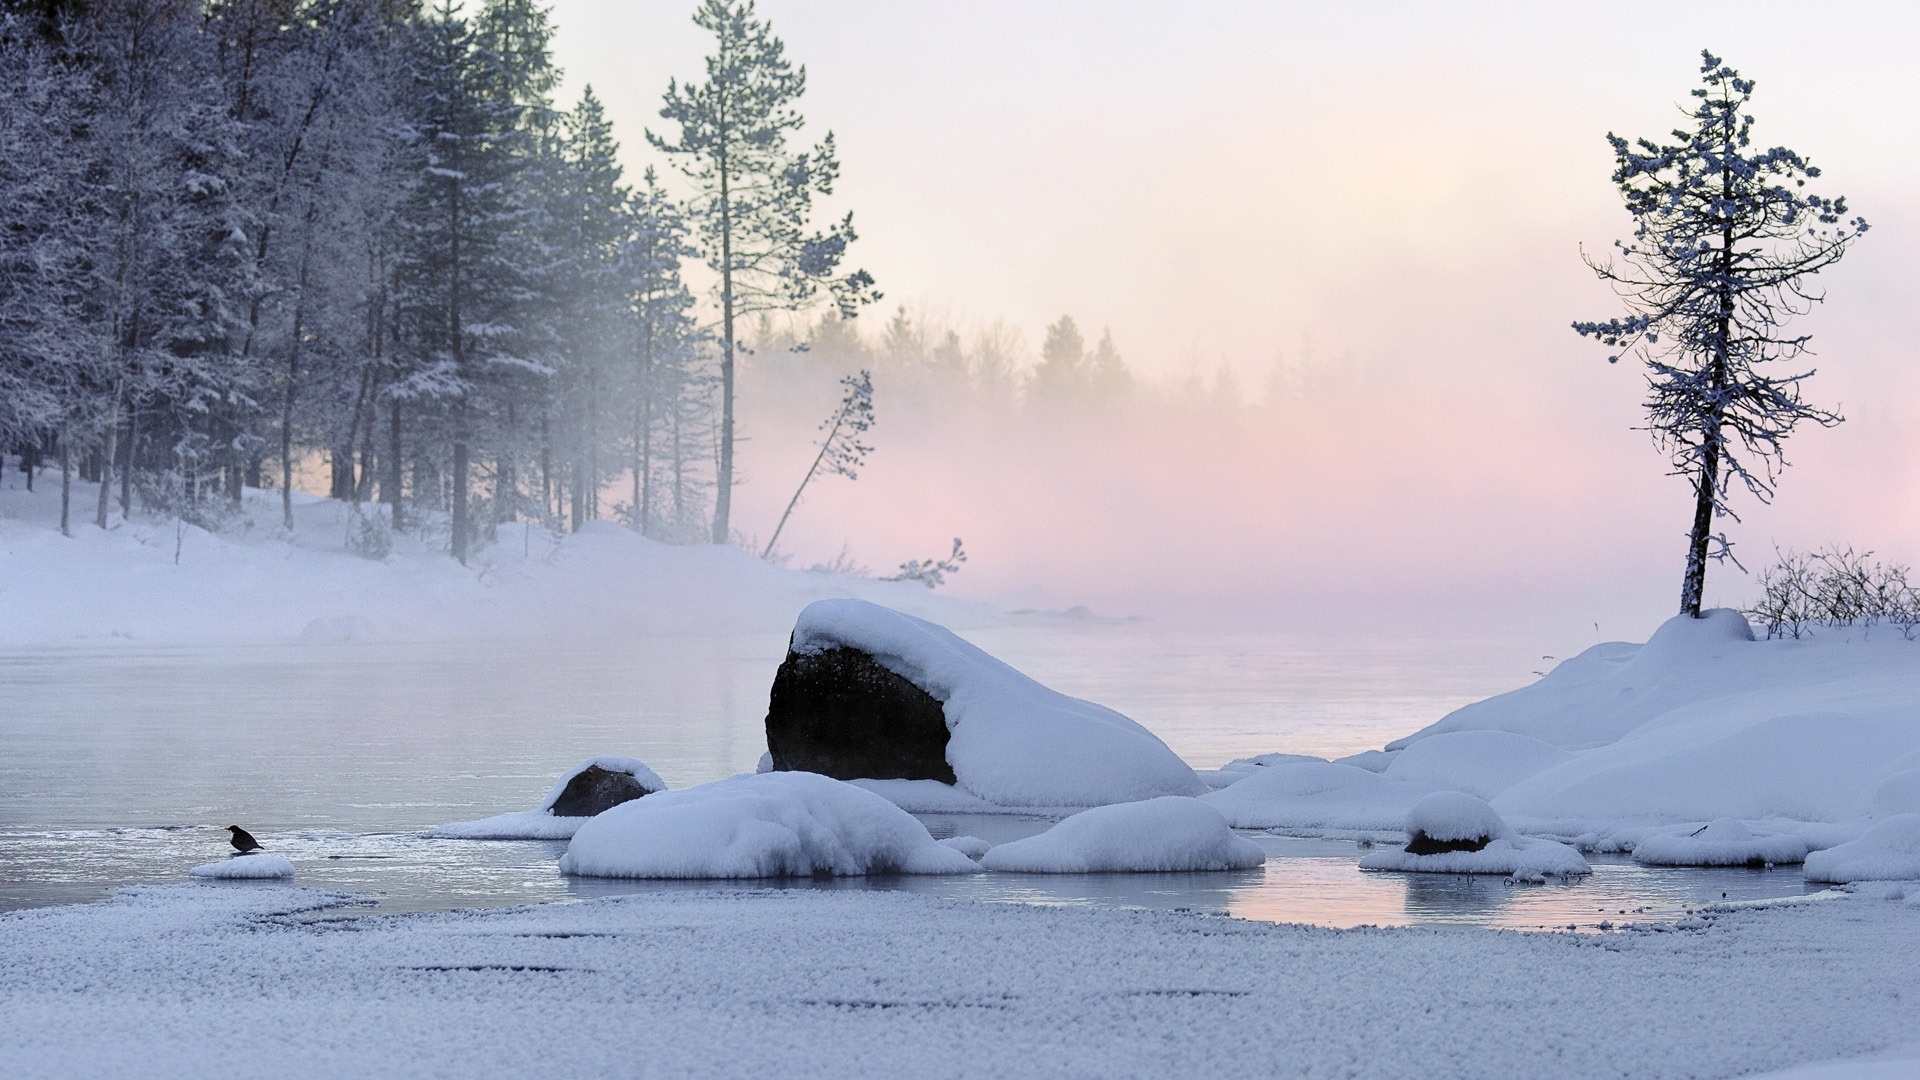 27924 скачать обои Пейзаж, Зима, Река, Снег - заставки и картинки бесплатно